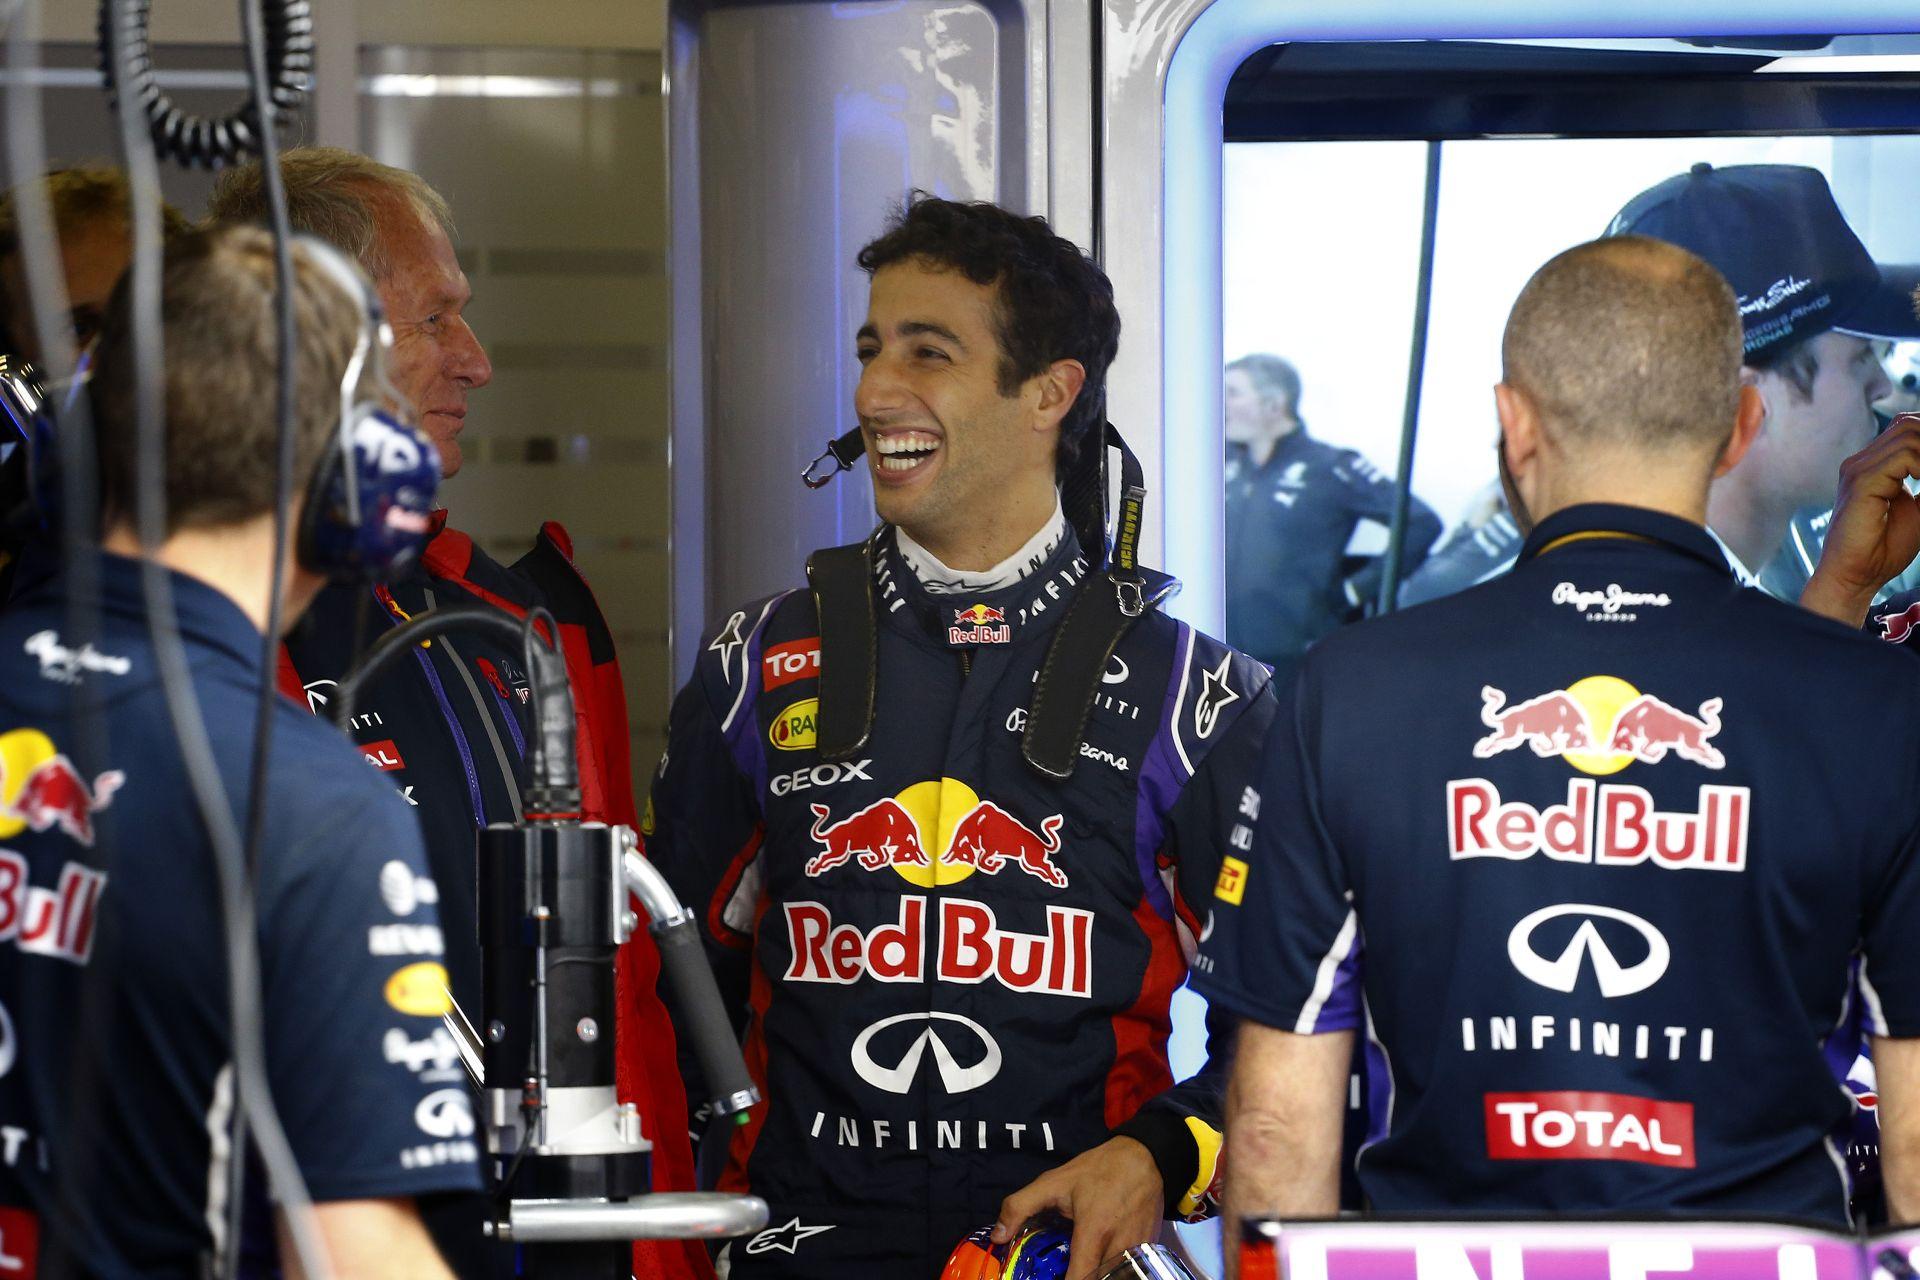 Kínai Nagydíj 2014: Ricciardo nevetőgázt szívott, Maldonado ördögi arcot vág és a többiek